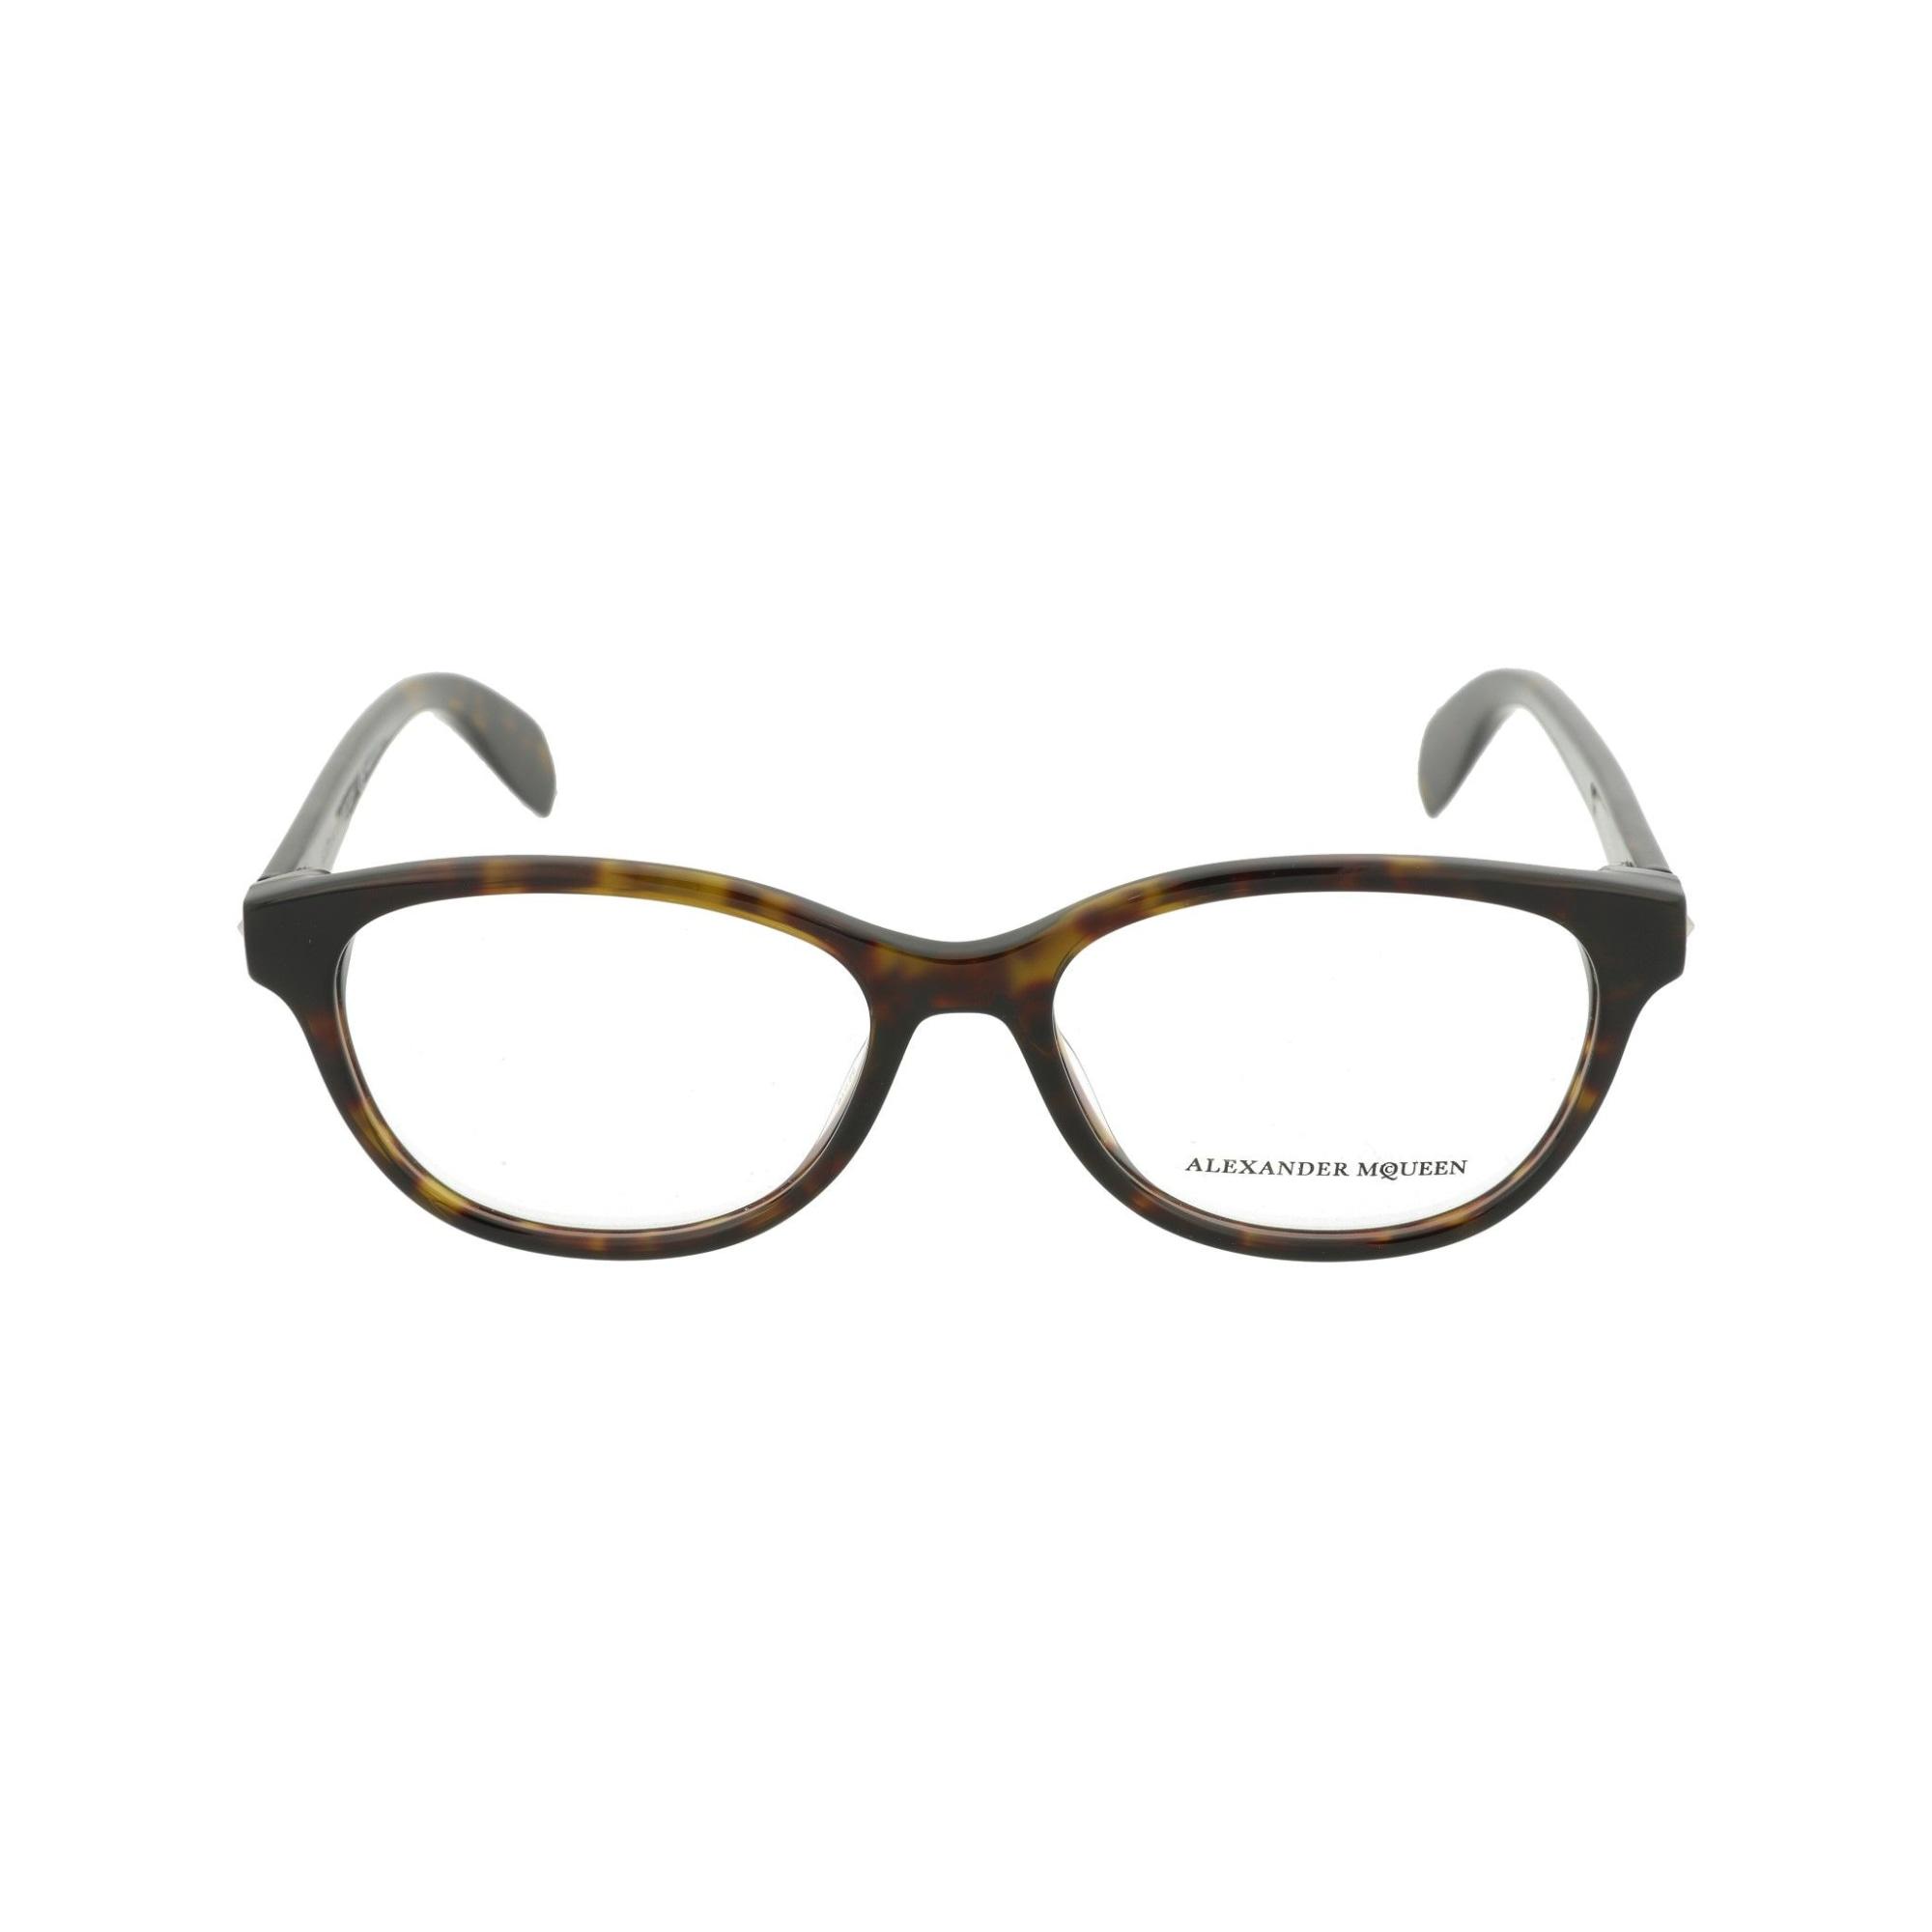 Eyeglass Frames ALEXANDER MCQUEEN Red, burgundy